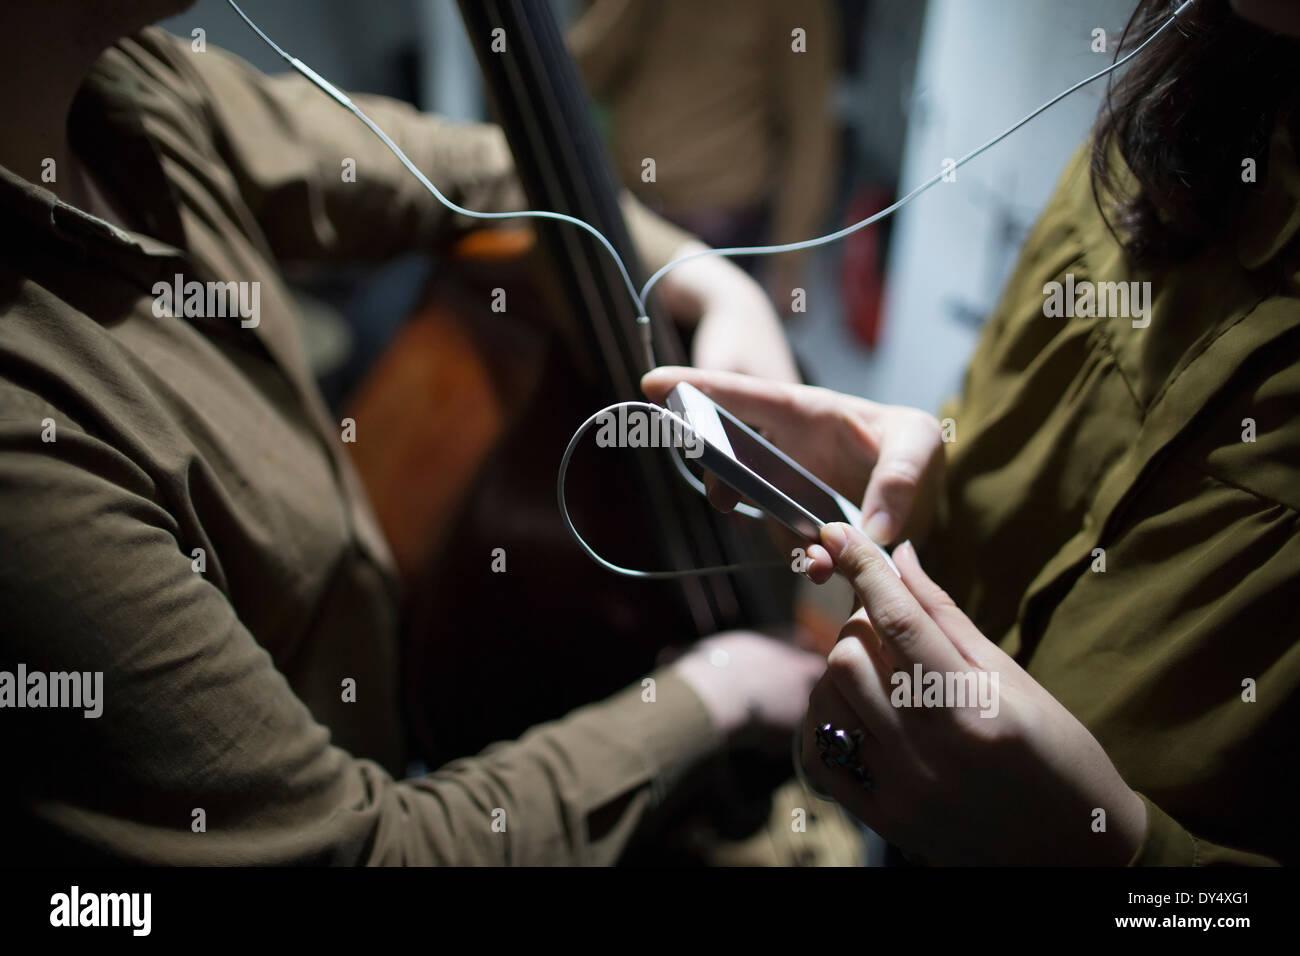 La sezione centrale dei giovani per ascoltare musica sullo smartphone Immagini Stock